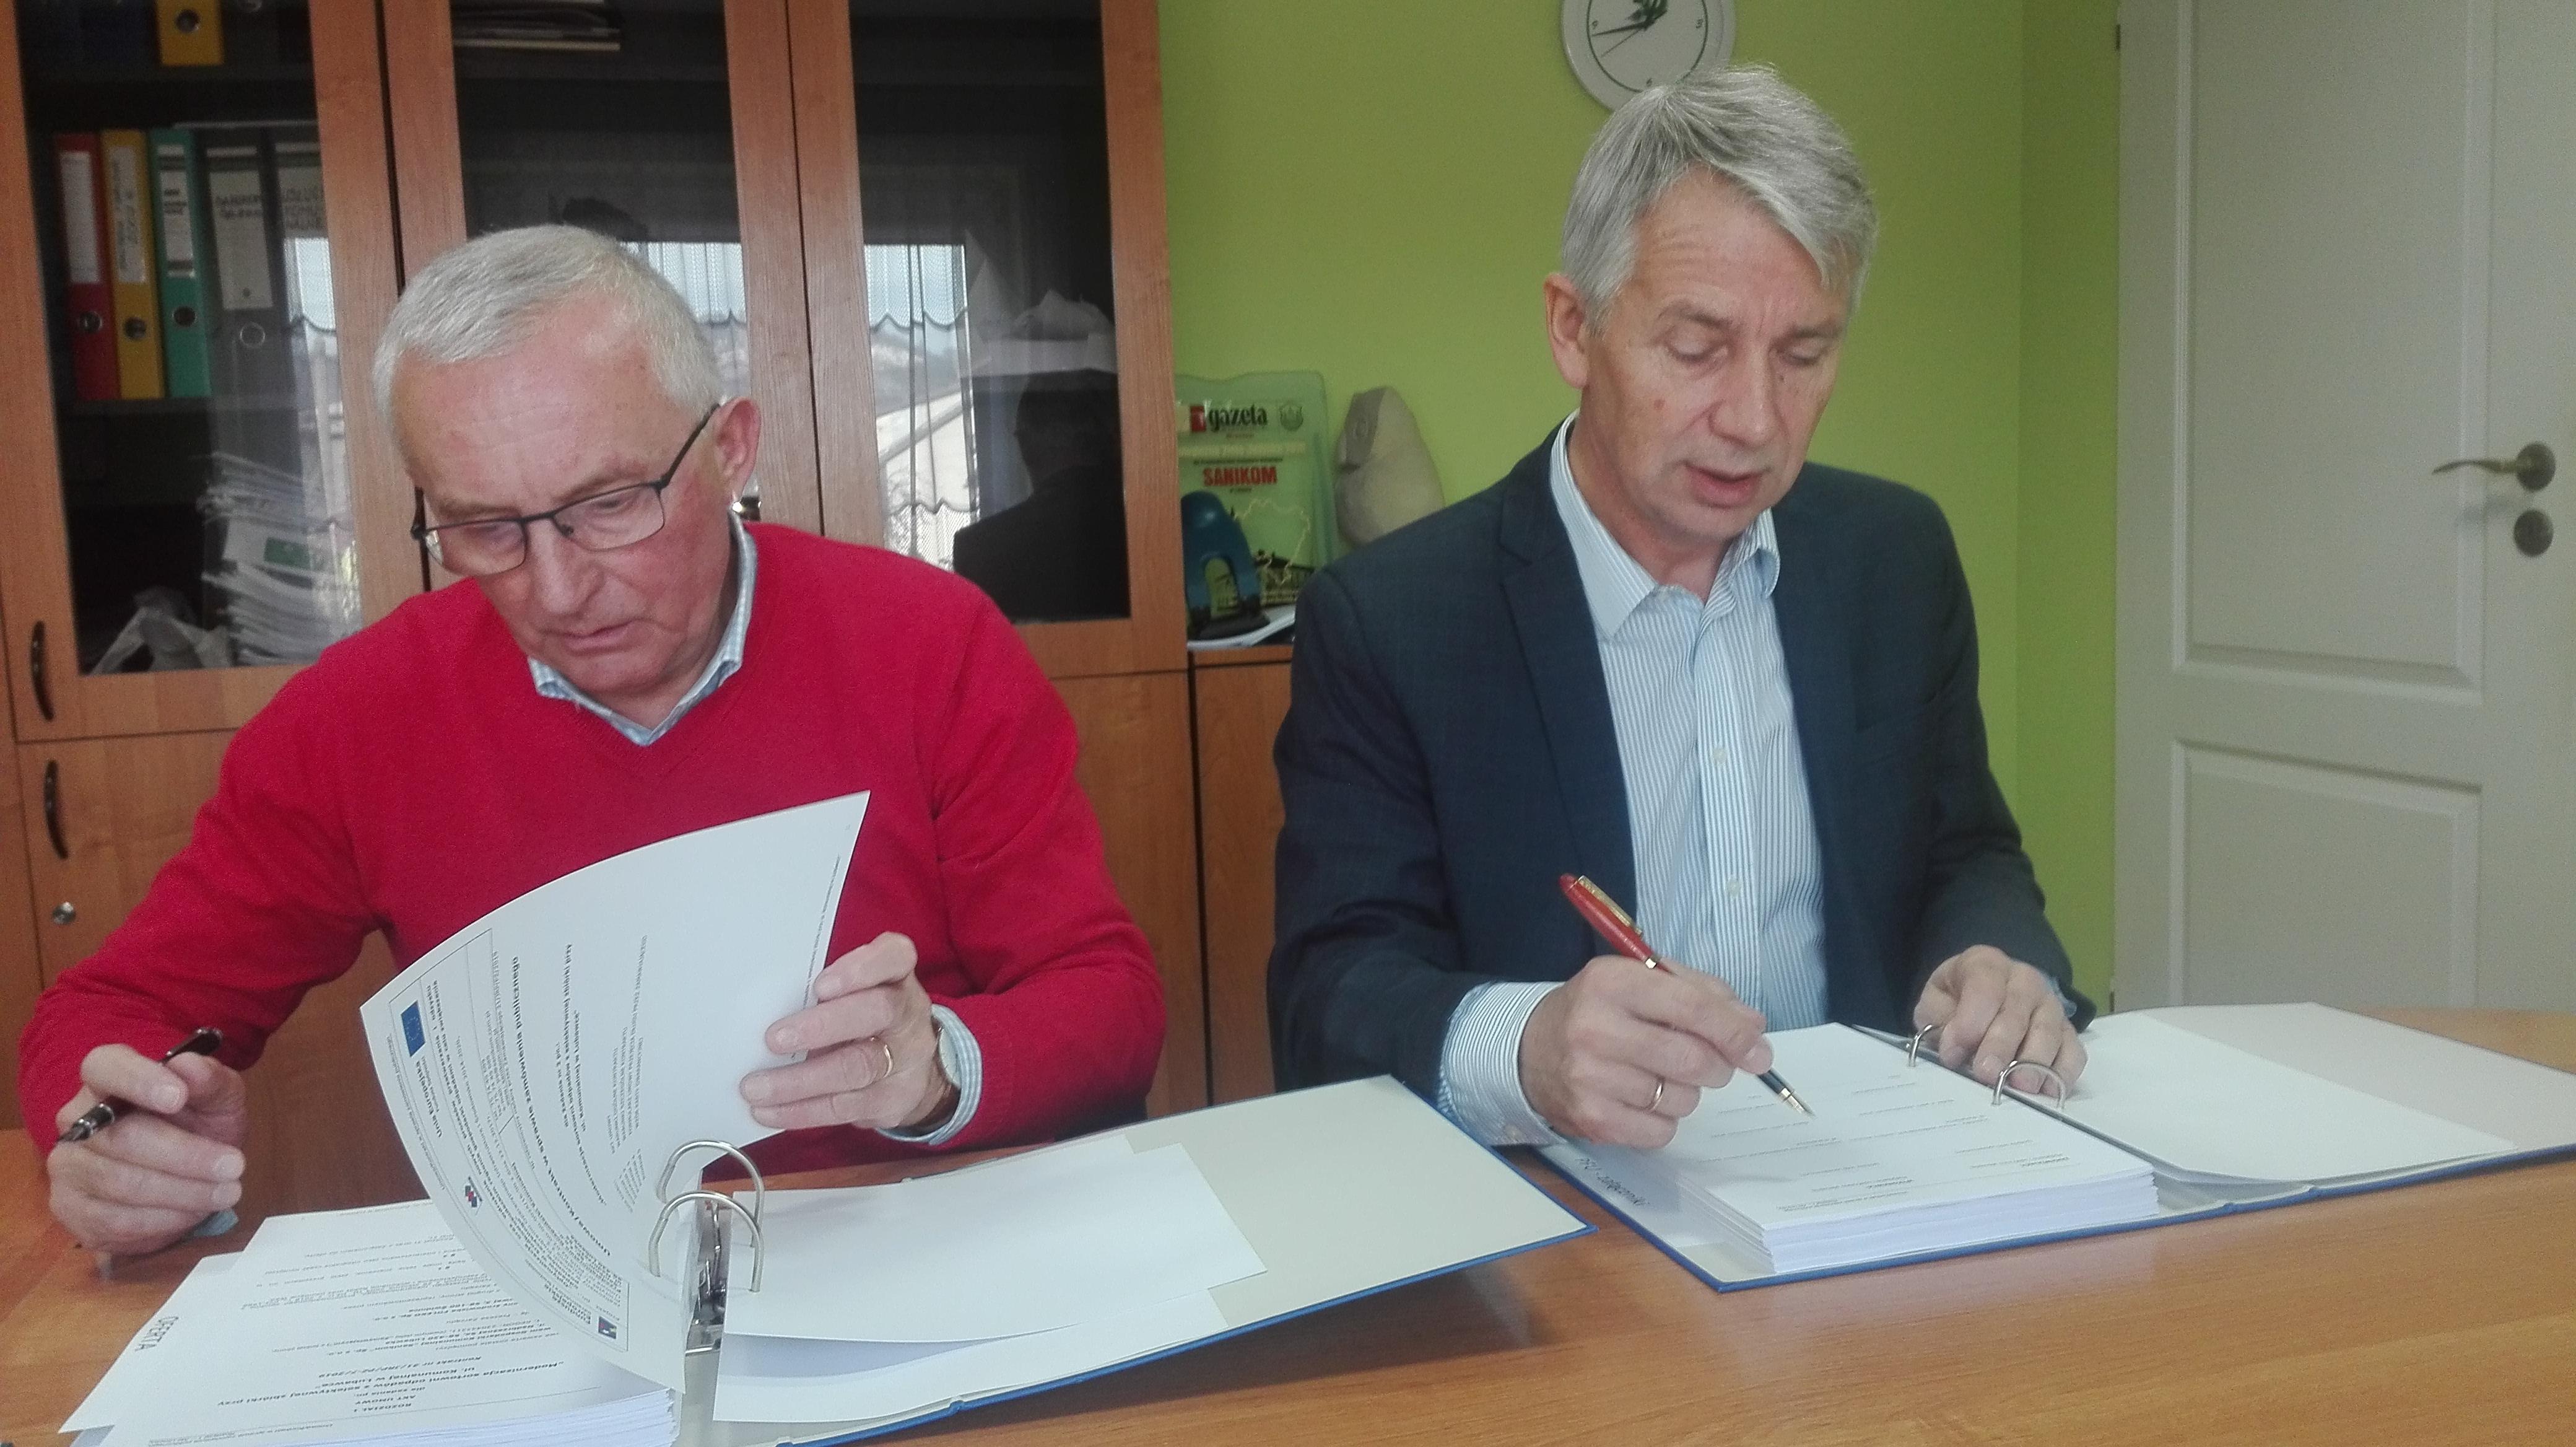 Umowę podpisali: prezesi FOLEKO sp. z o.o. Ireneusz Pałac oraz Sanikom sp. z o.o. Andrzej Wojdyła.